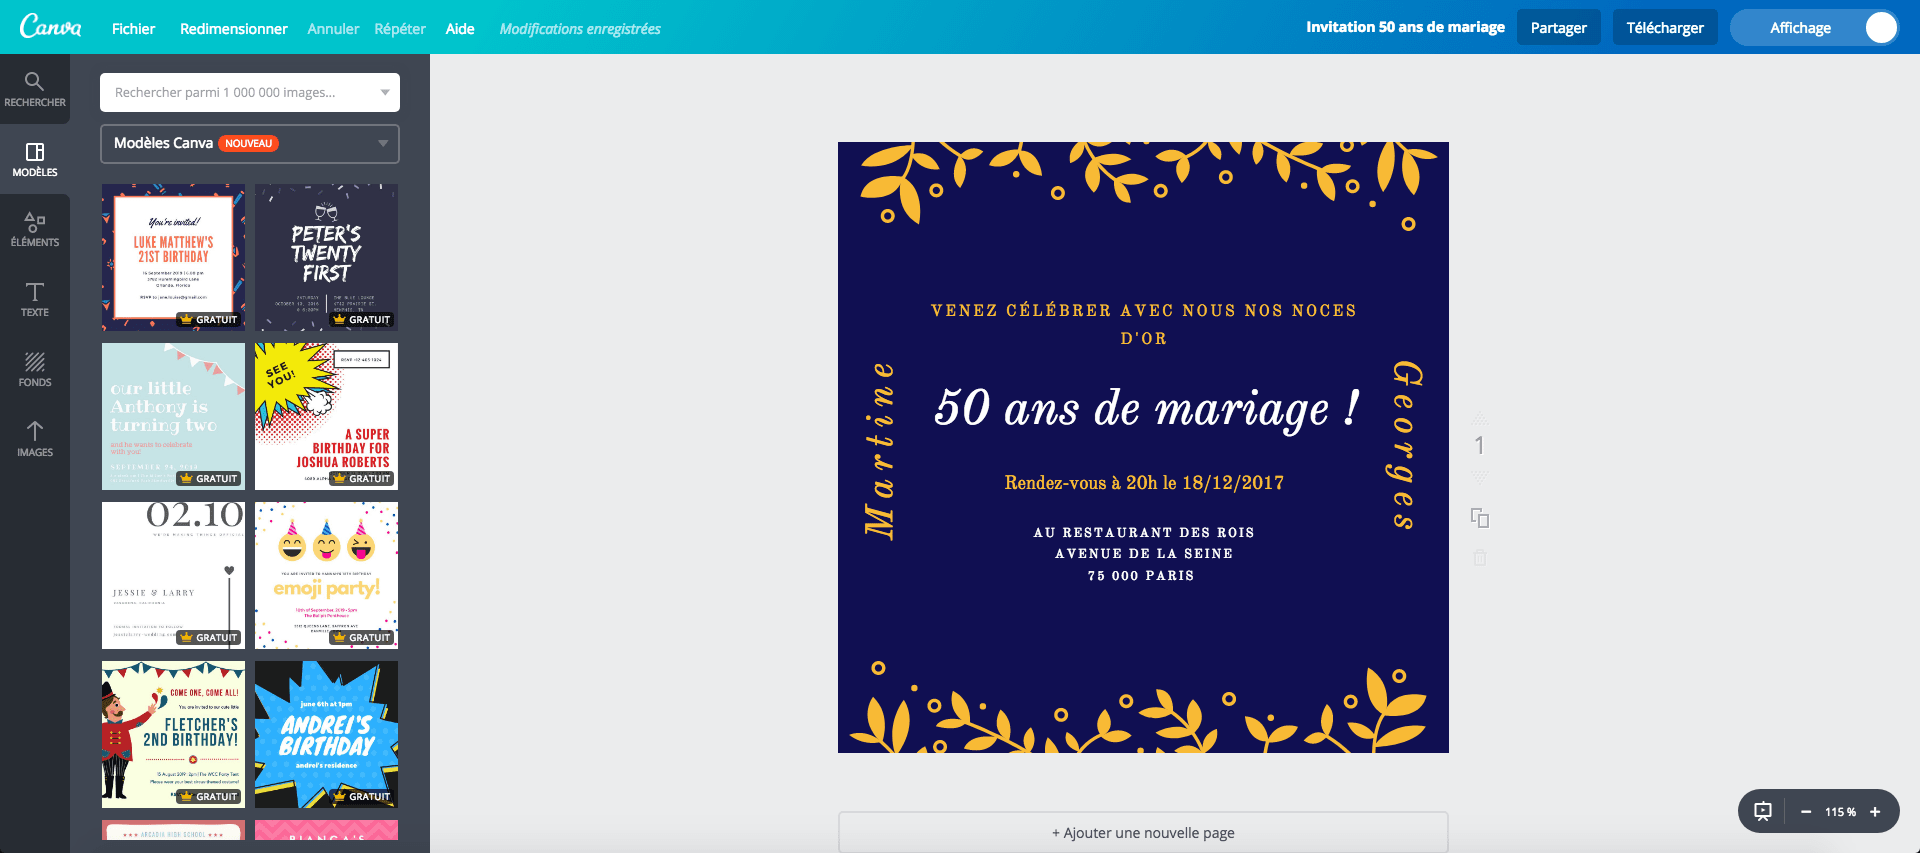 Creer Une Carte De 50 Ans De Mariage Gratuite A Imprimer Canva